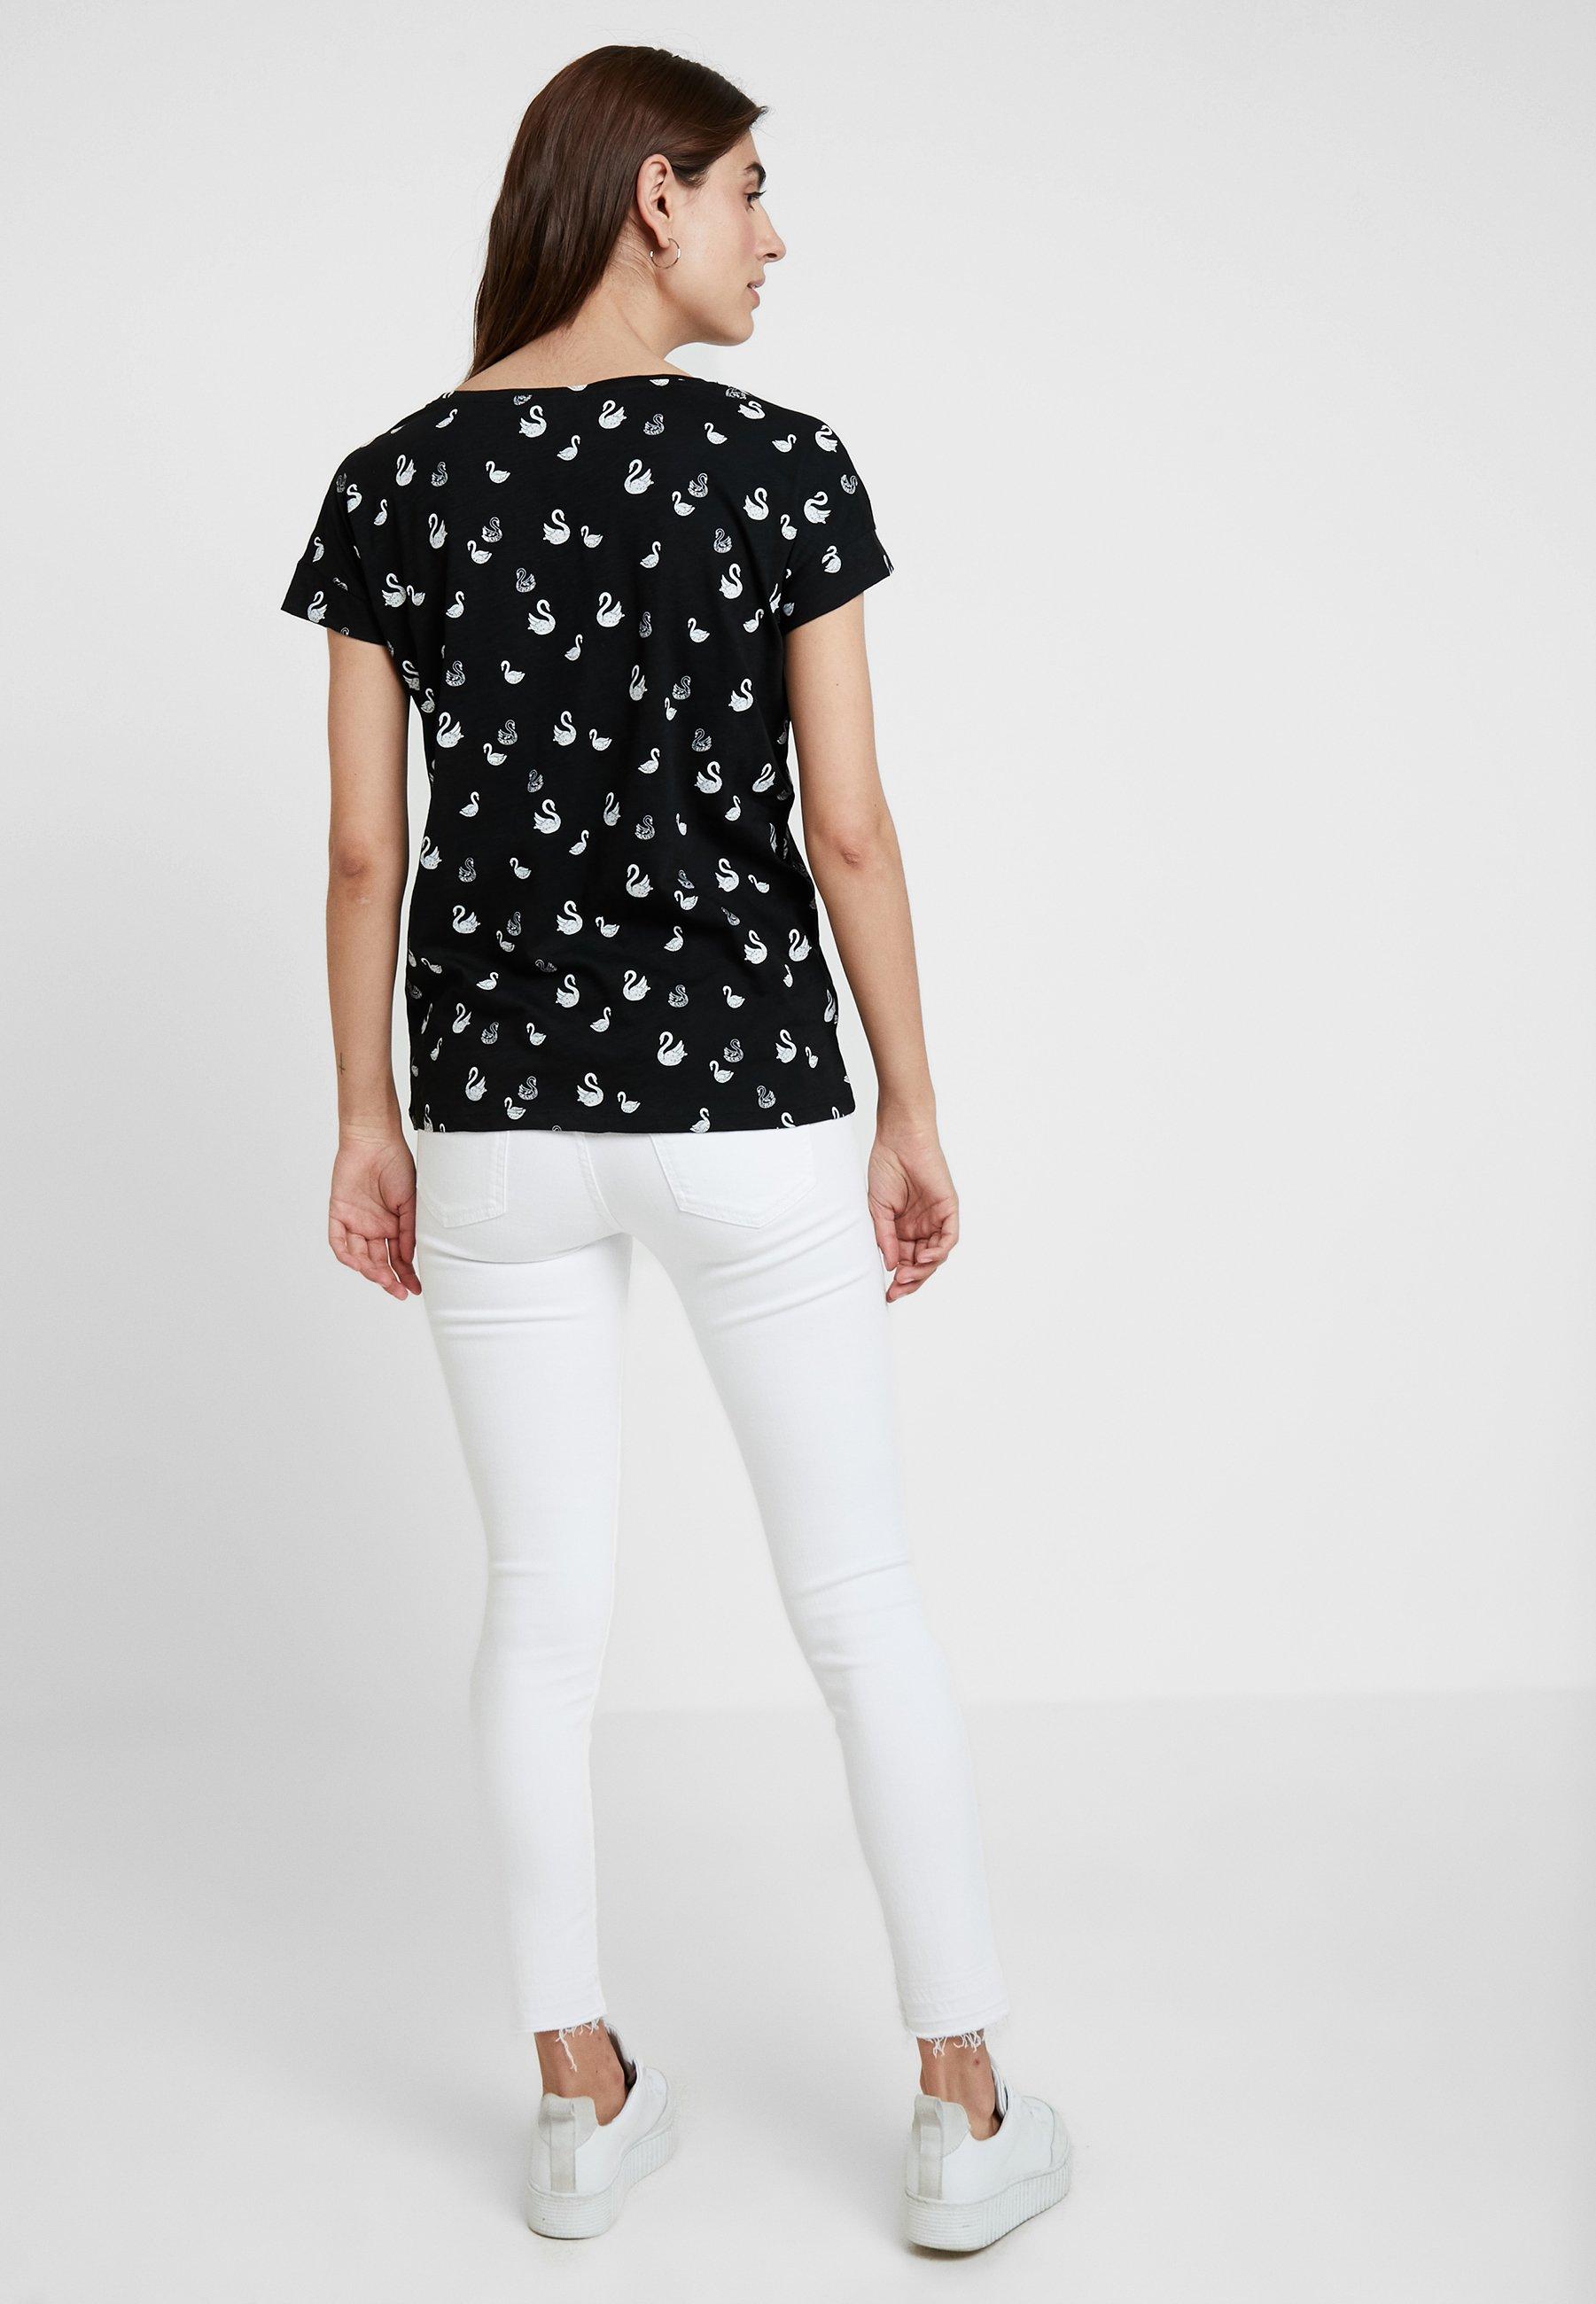 Esprit shirt T shirt ImpriméBlack T Esprit knwO0P